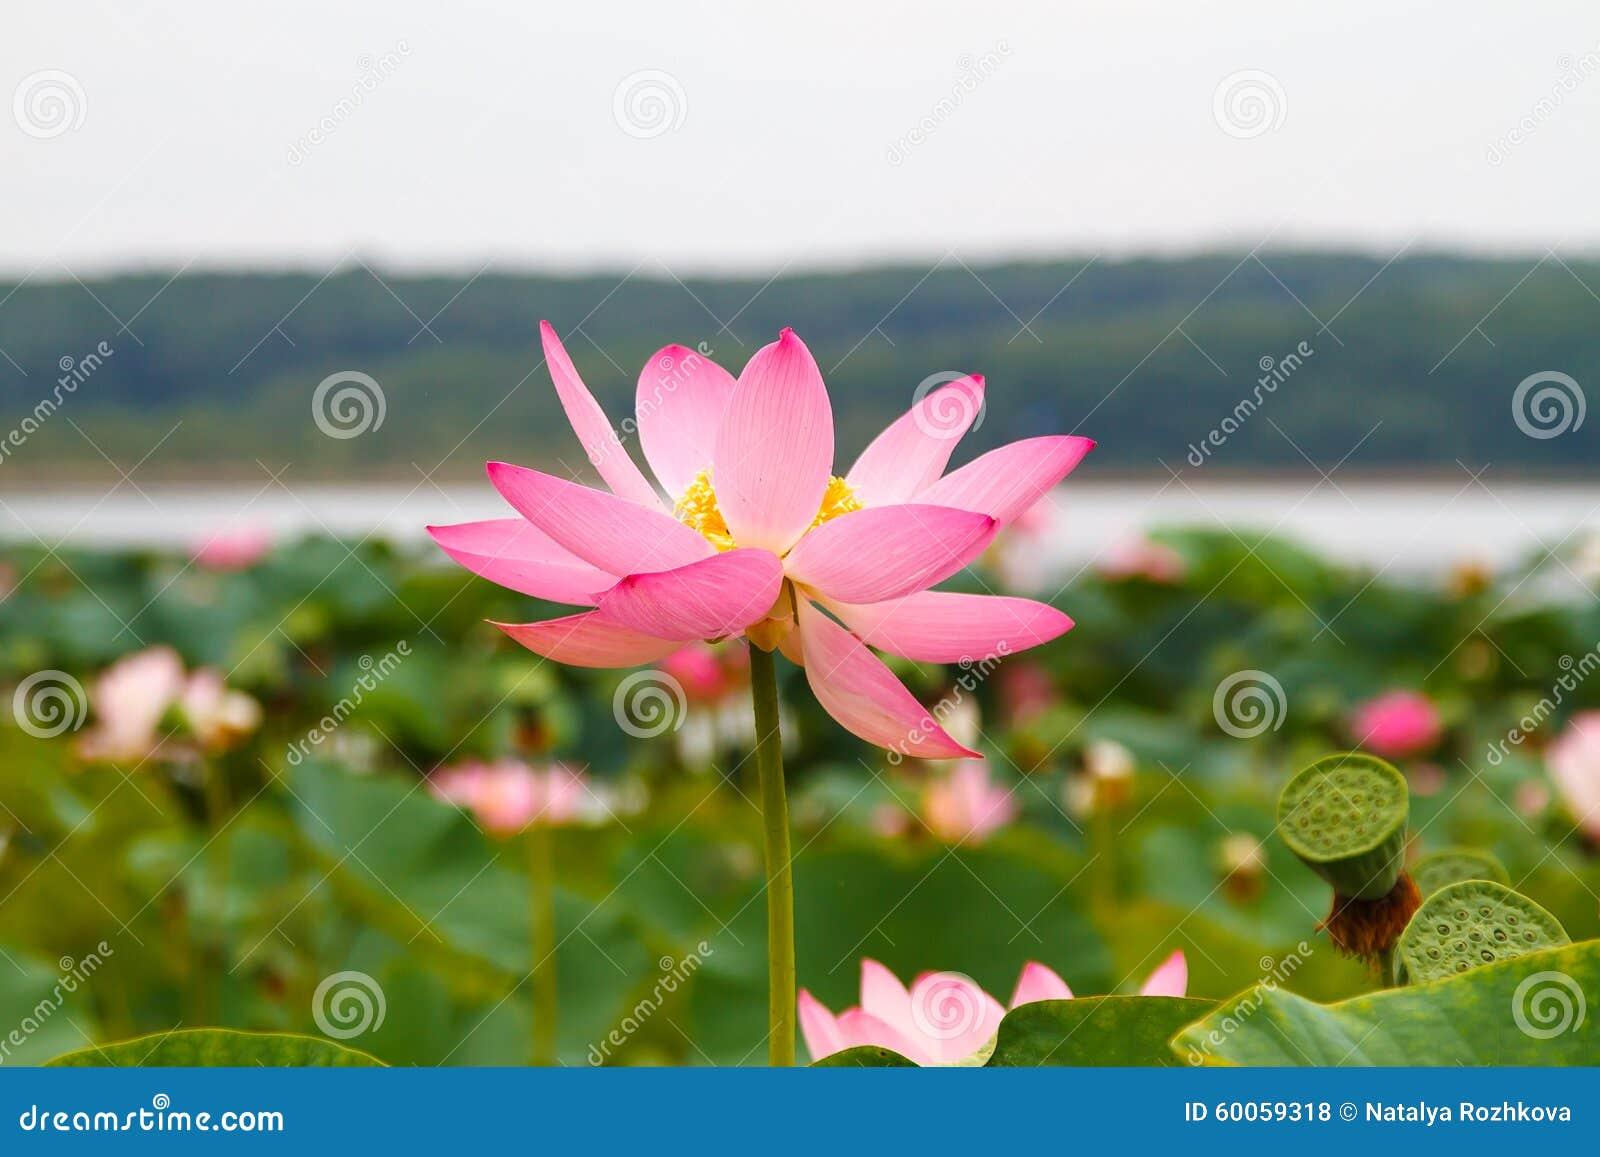 Asian lotus lotus